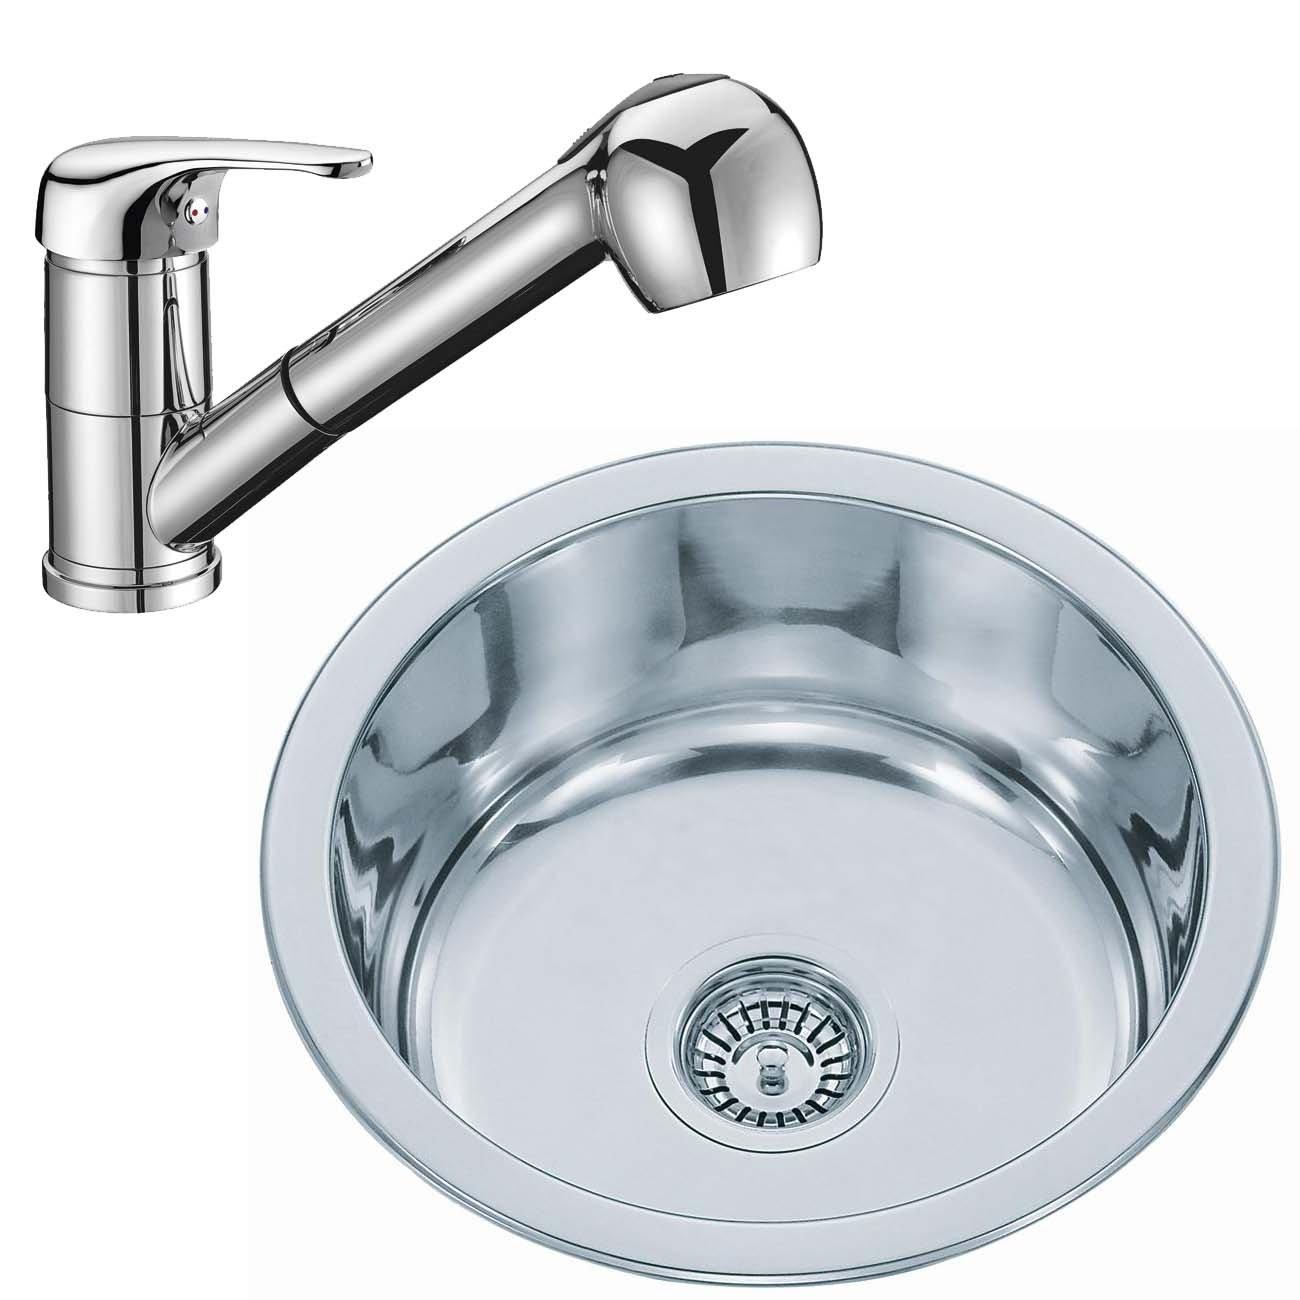 Lavandino da cucina lavello da incasso rotondo in acciaio inox e rubinetto da cucina rubinetto per l